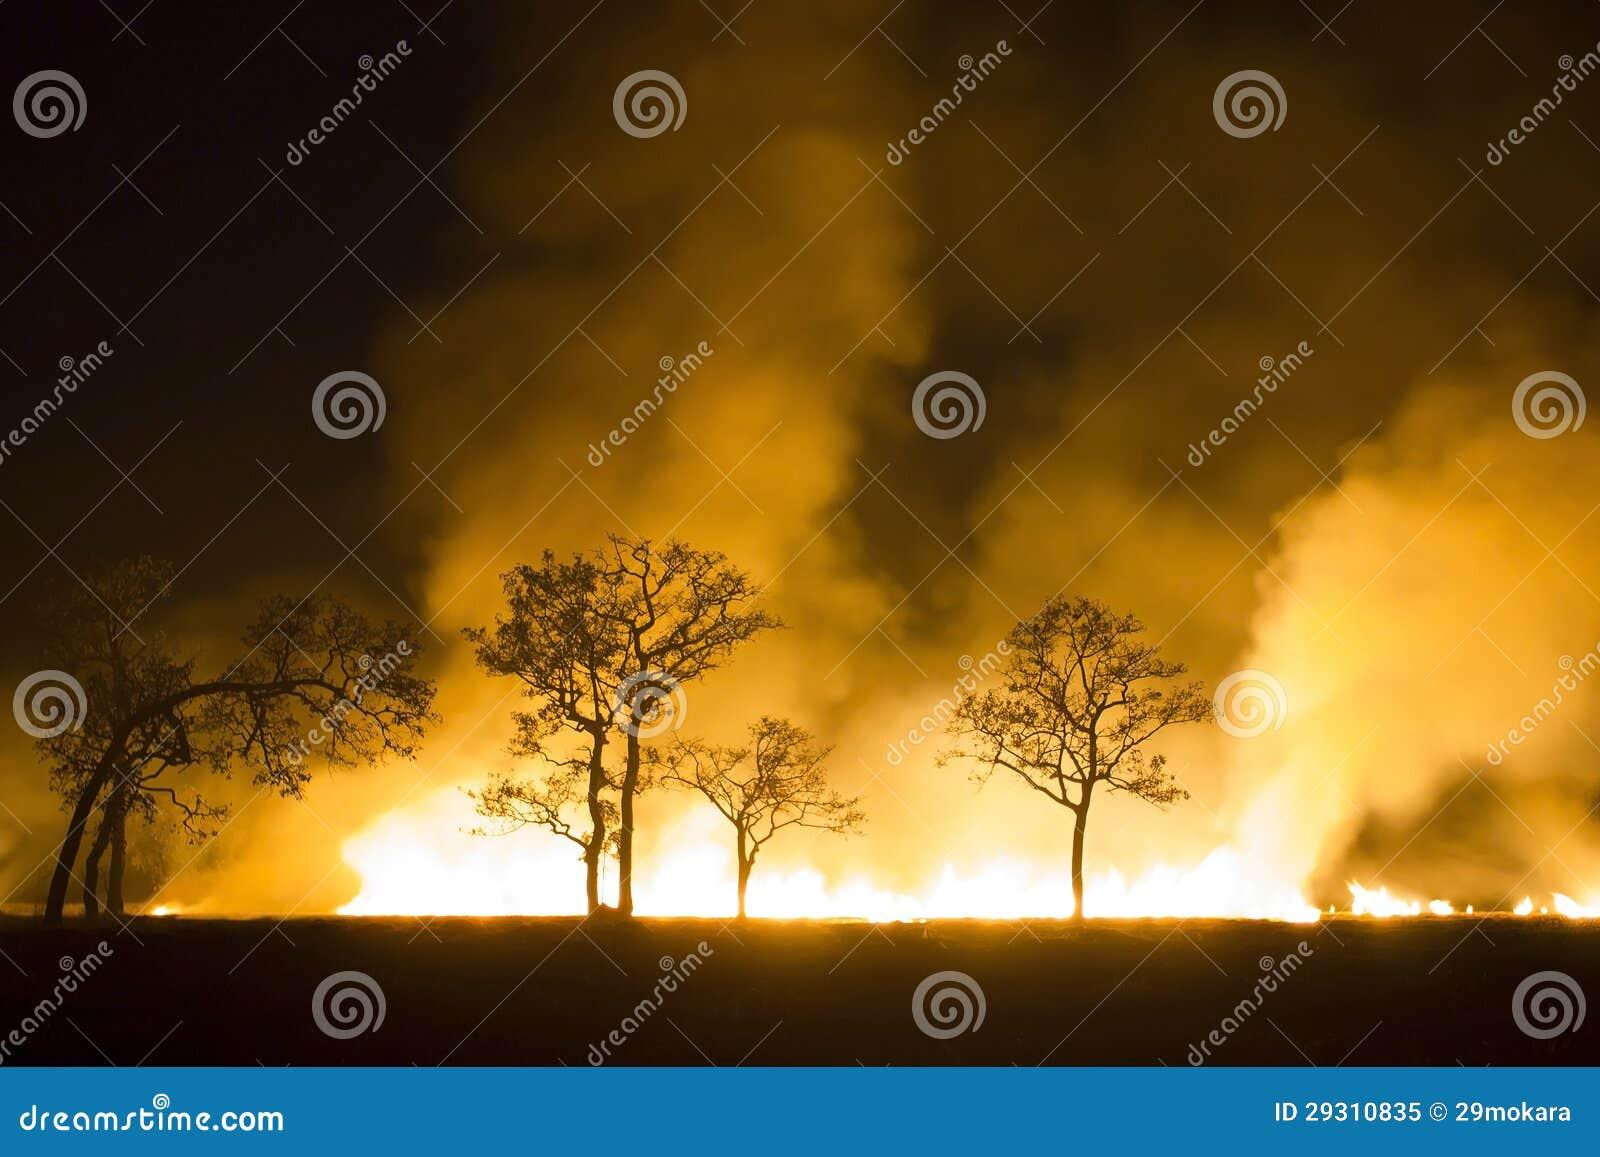 Incendio fuera de control - se destruye el ecosistema ardiendo del bosque